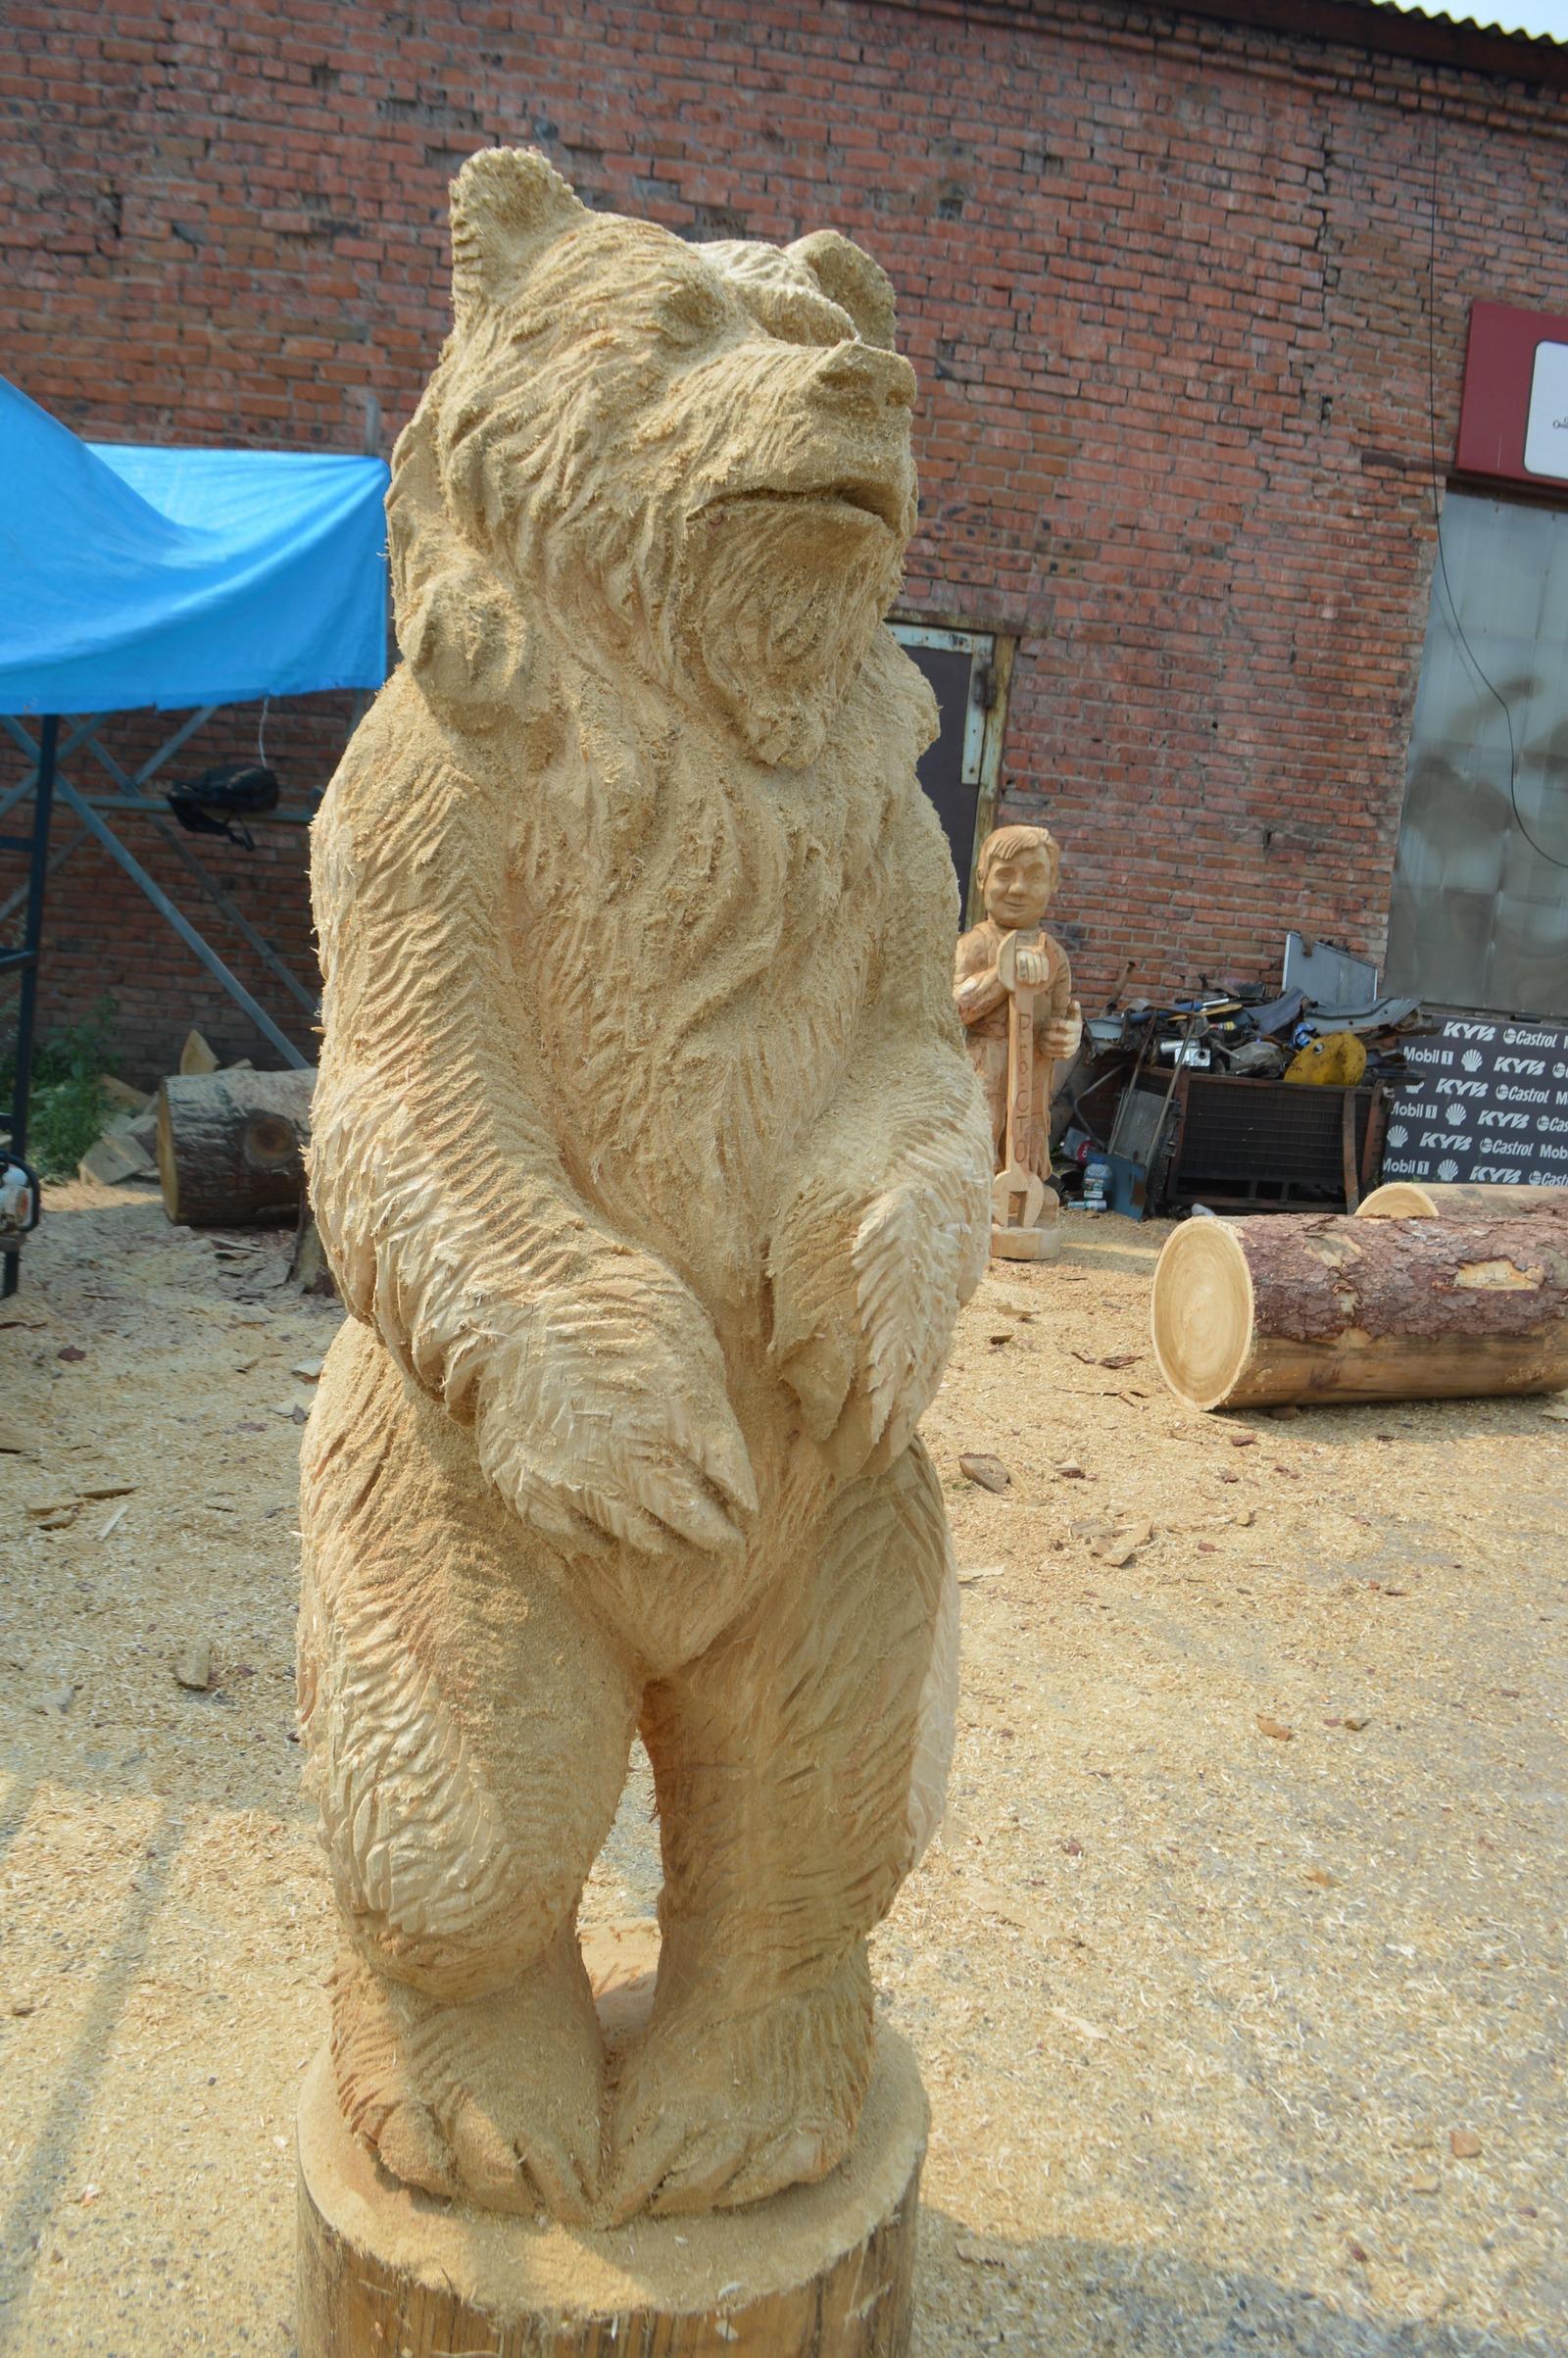 можете сделать фигуры медведя из дерева своими руками фото этого недуга